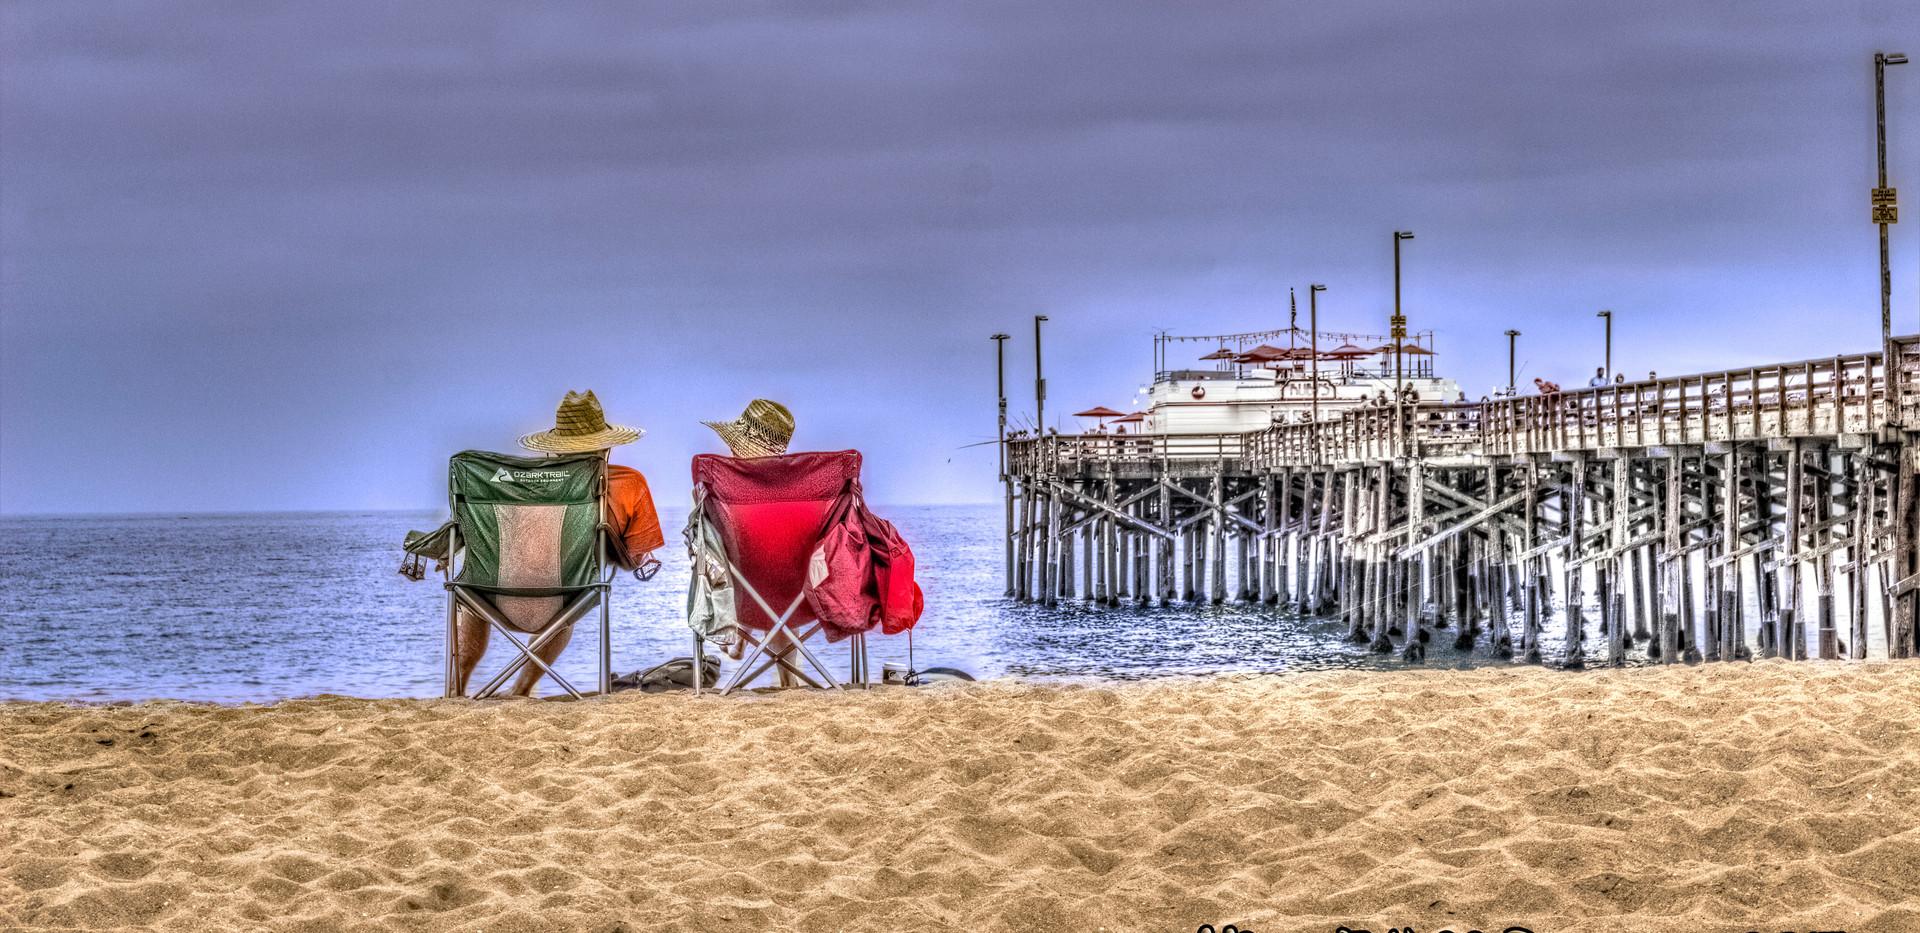 Couple on the Beach 08-22-15